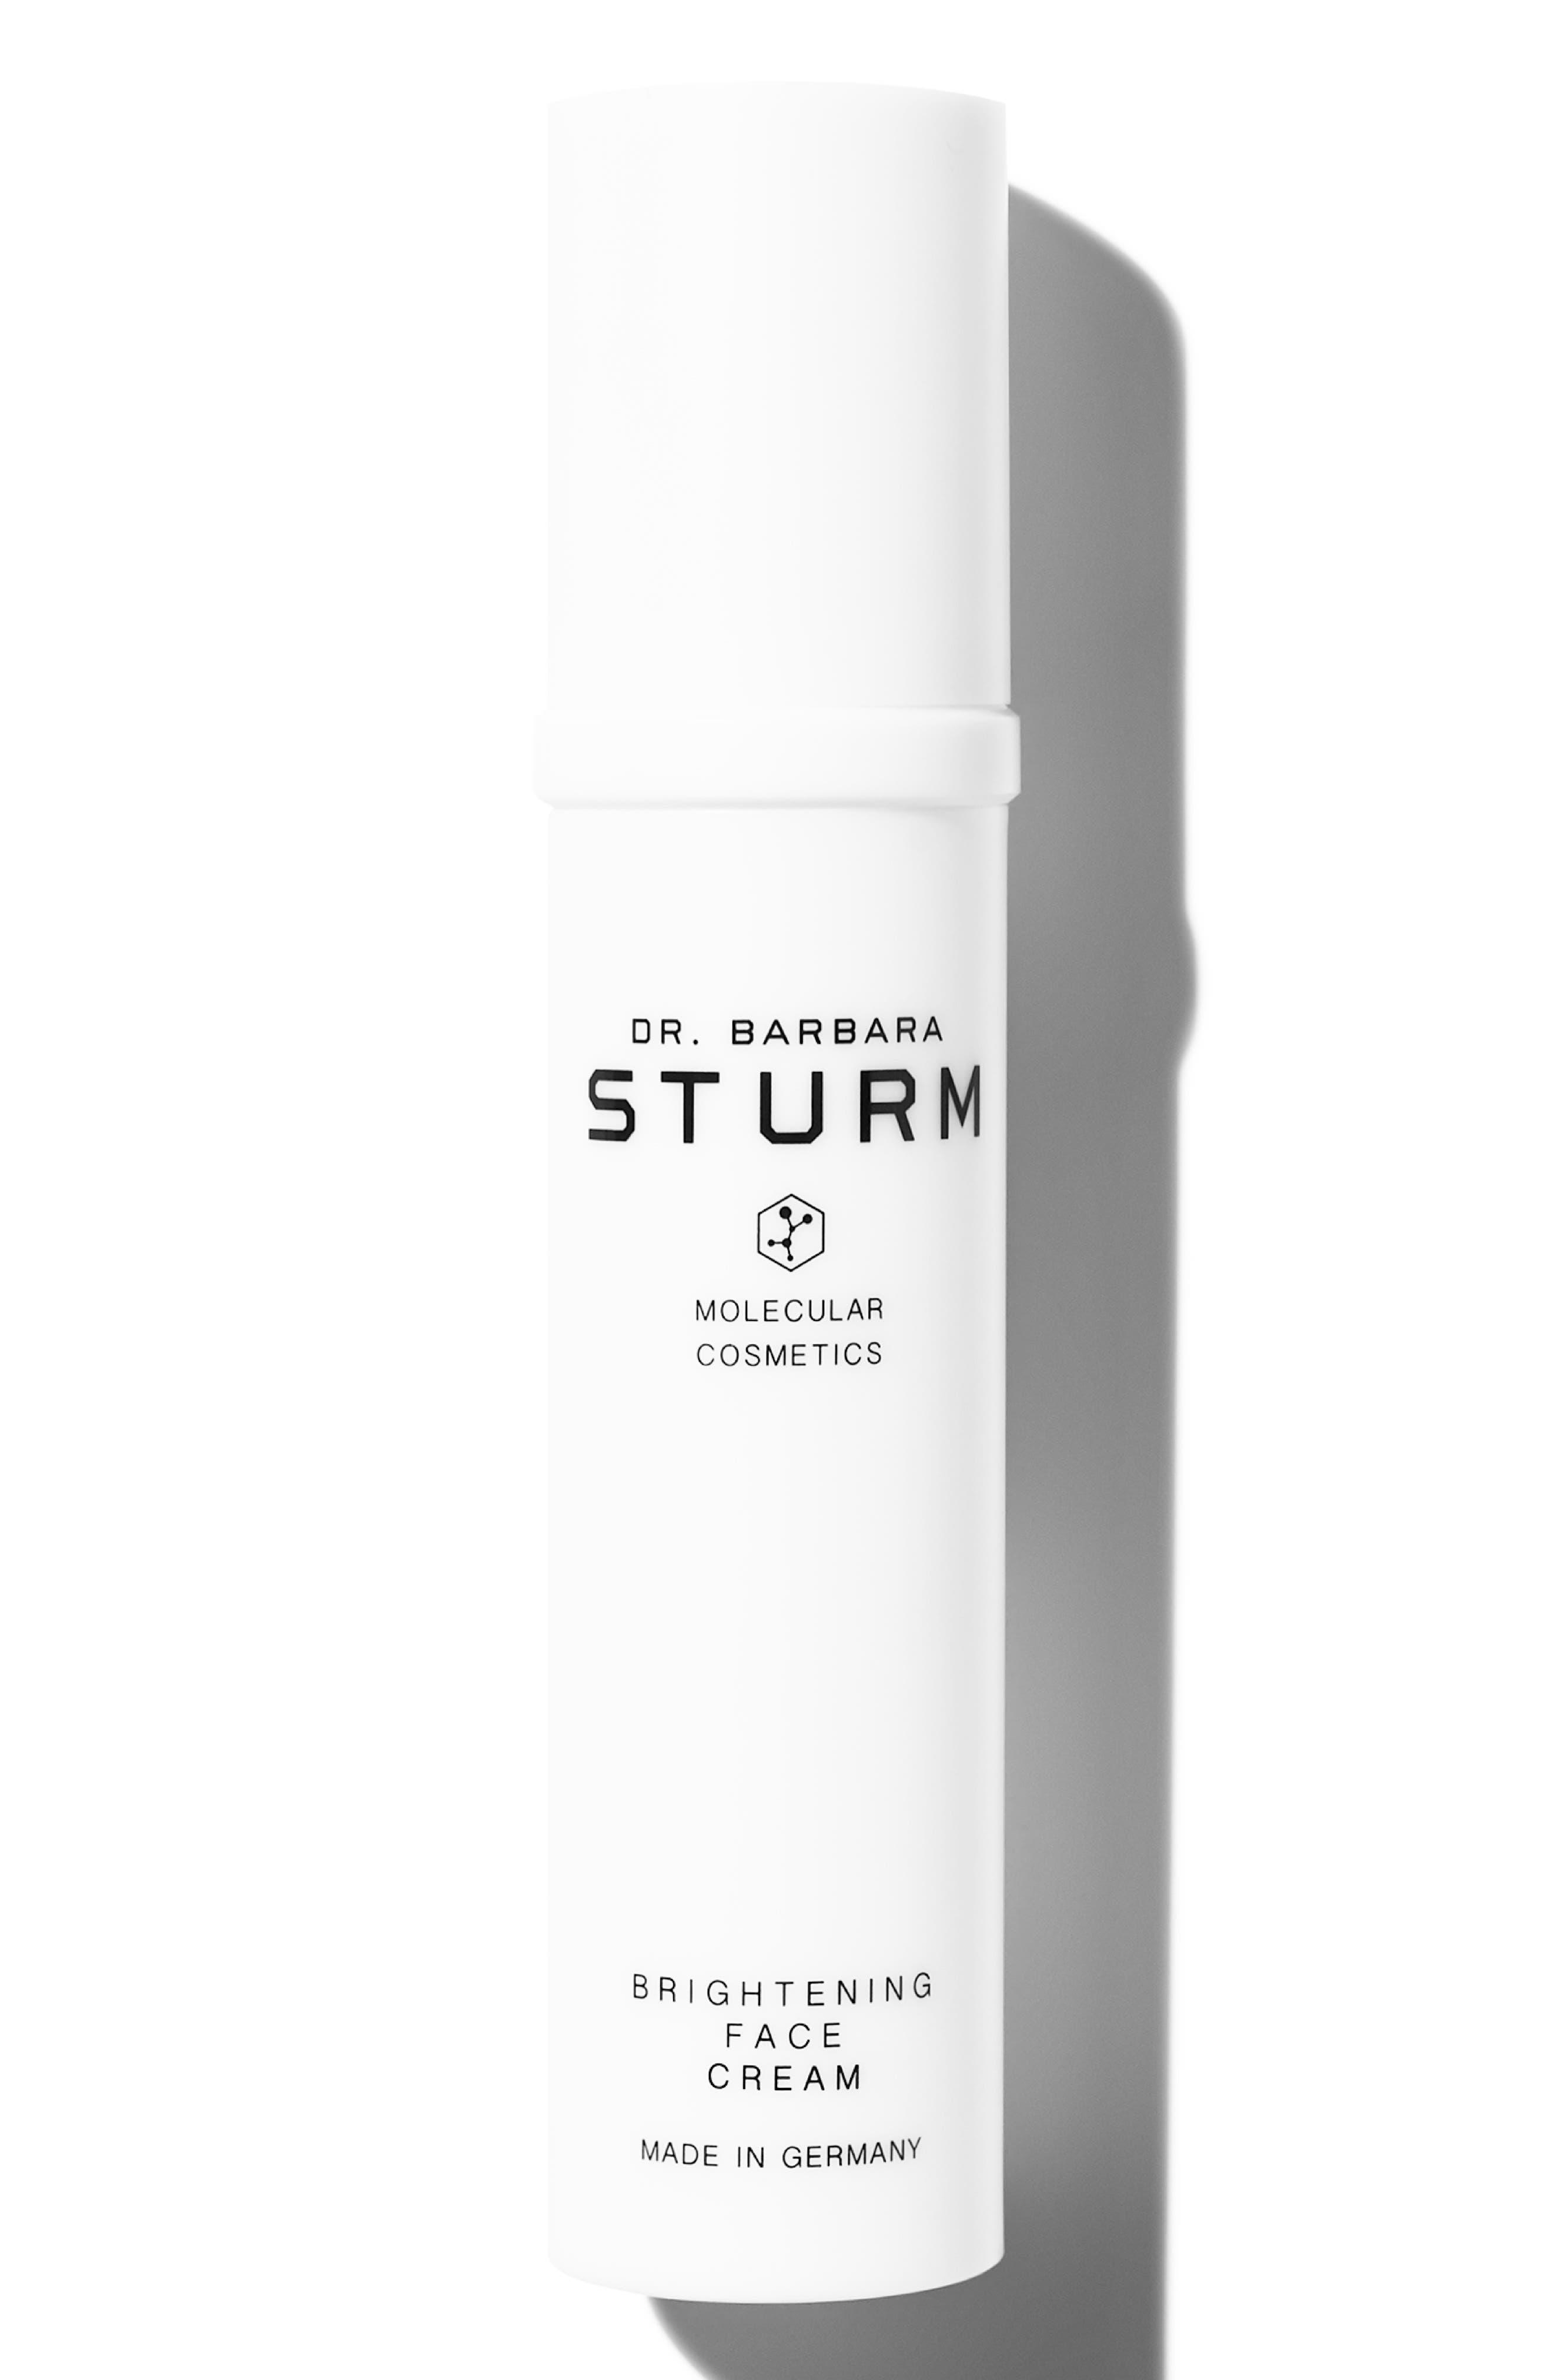 DR. BARBARA STURM Brightening Face Cream